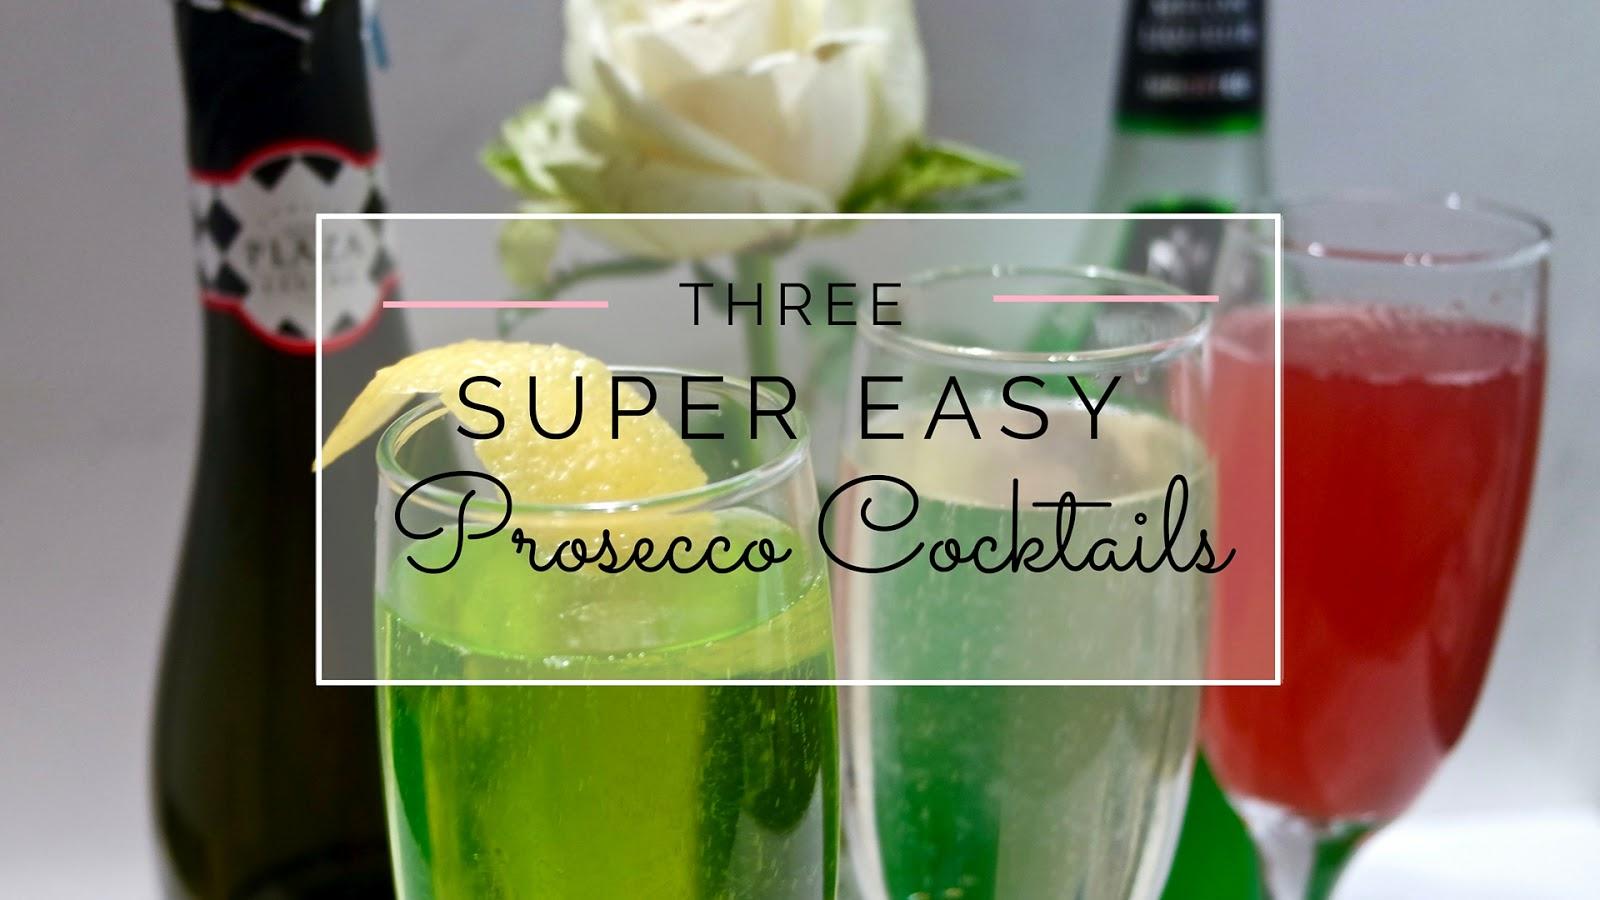 3 Super Easy Prosecco Cocktails